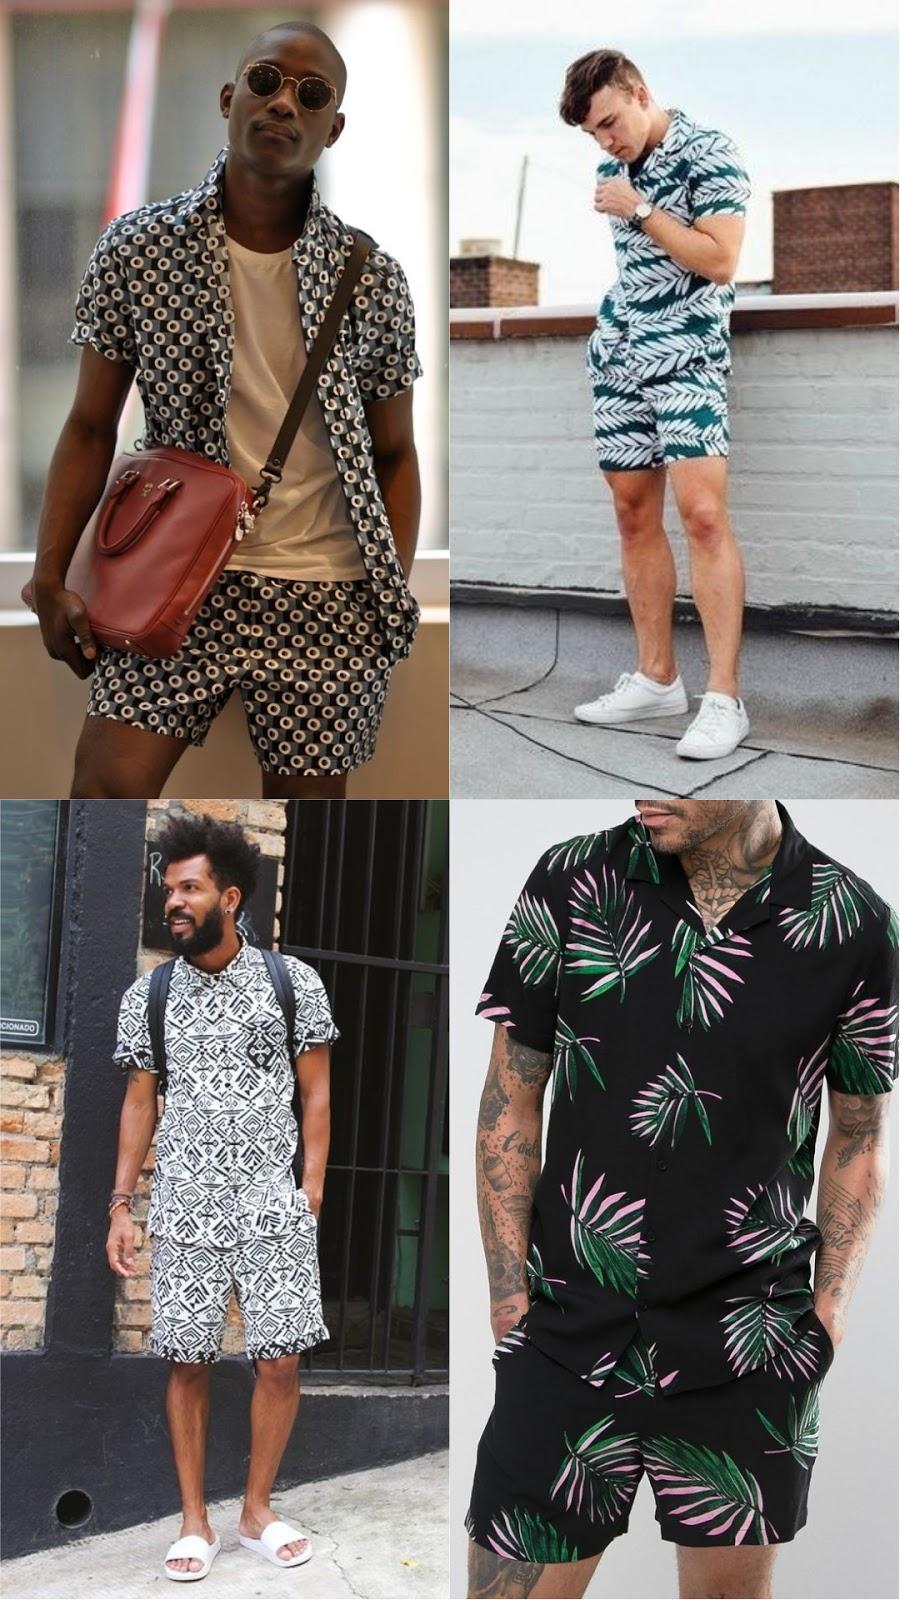 tendencias-moda-masculina-primavera-verao-2019-blog-tres-chic-conjunto-estampado